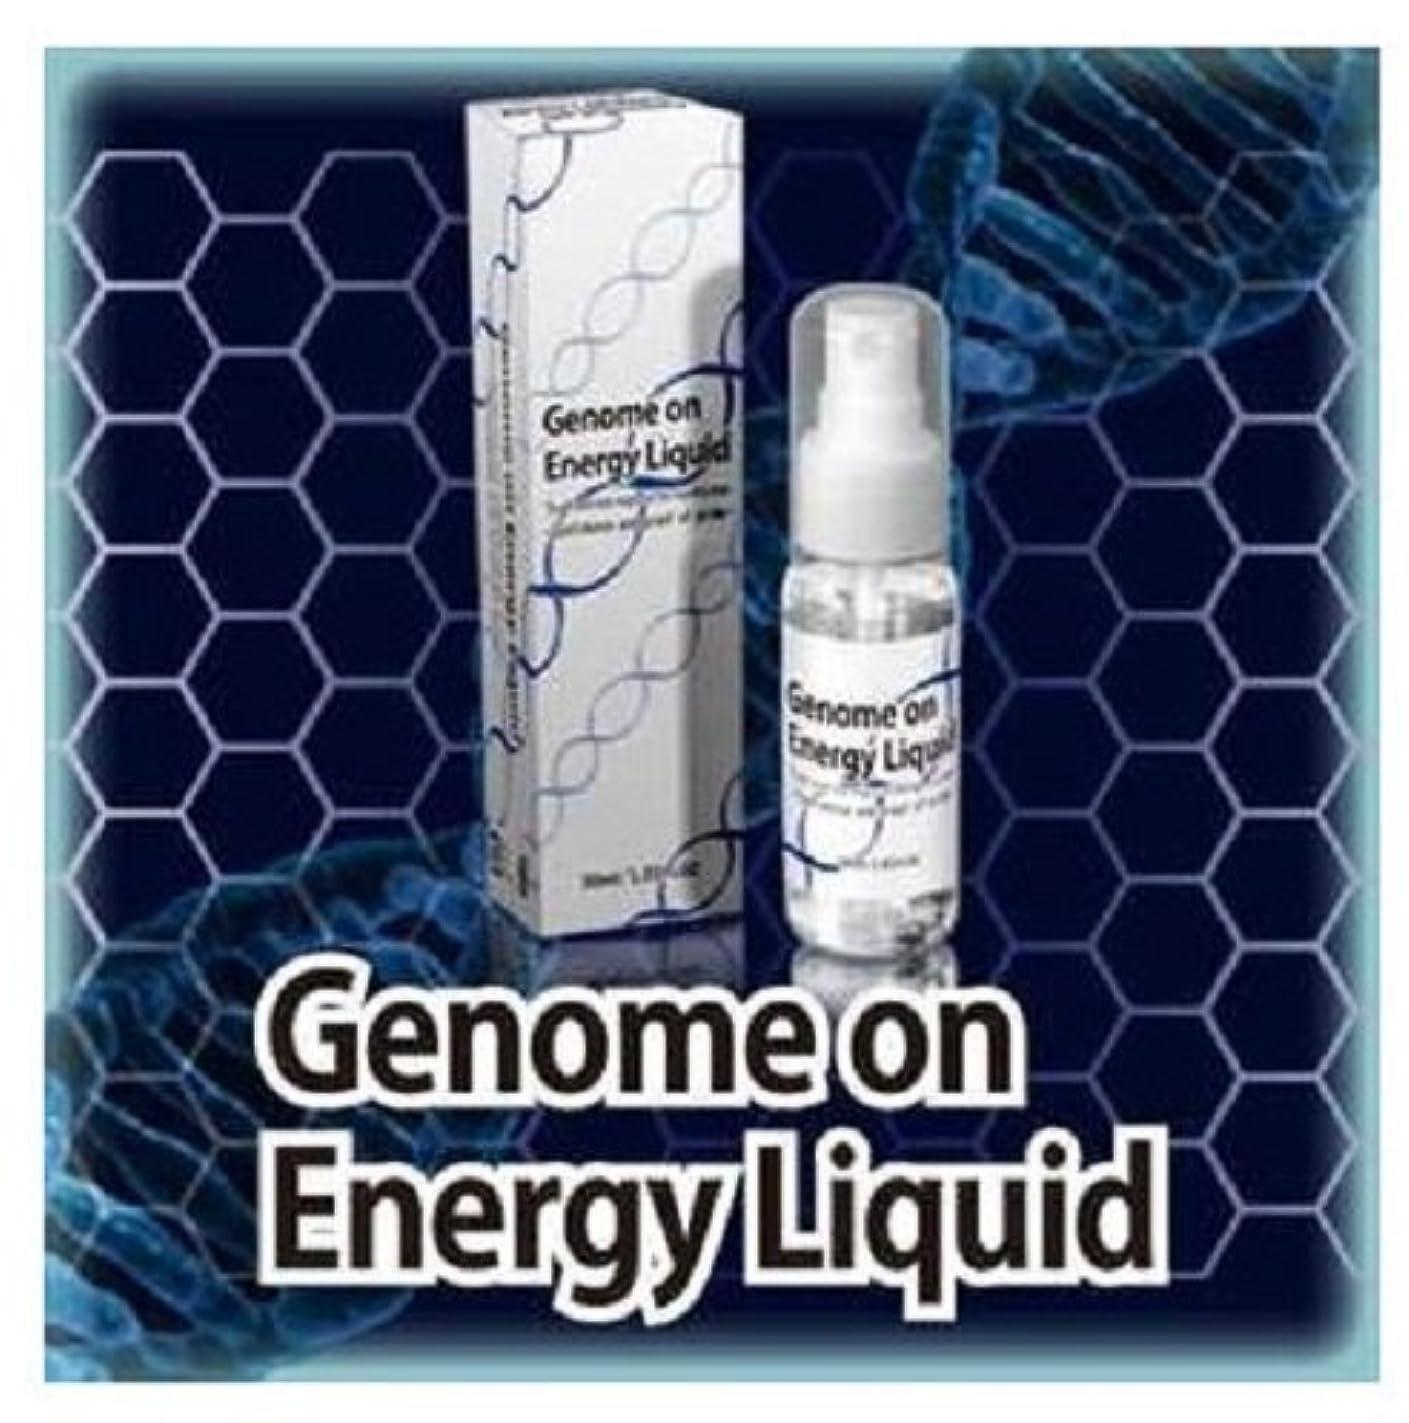 マージンさまよう領収書ゲノムオンエナジーリキッド Genome on Energy Liquid